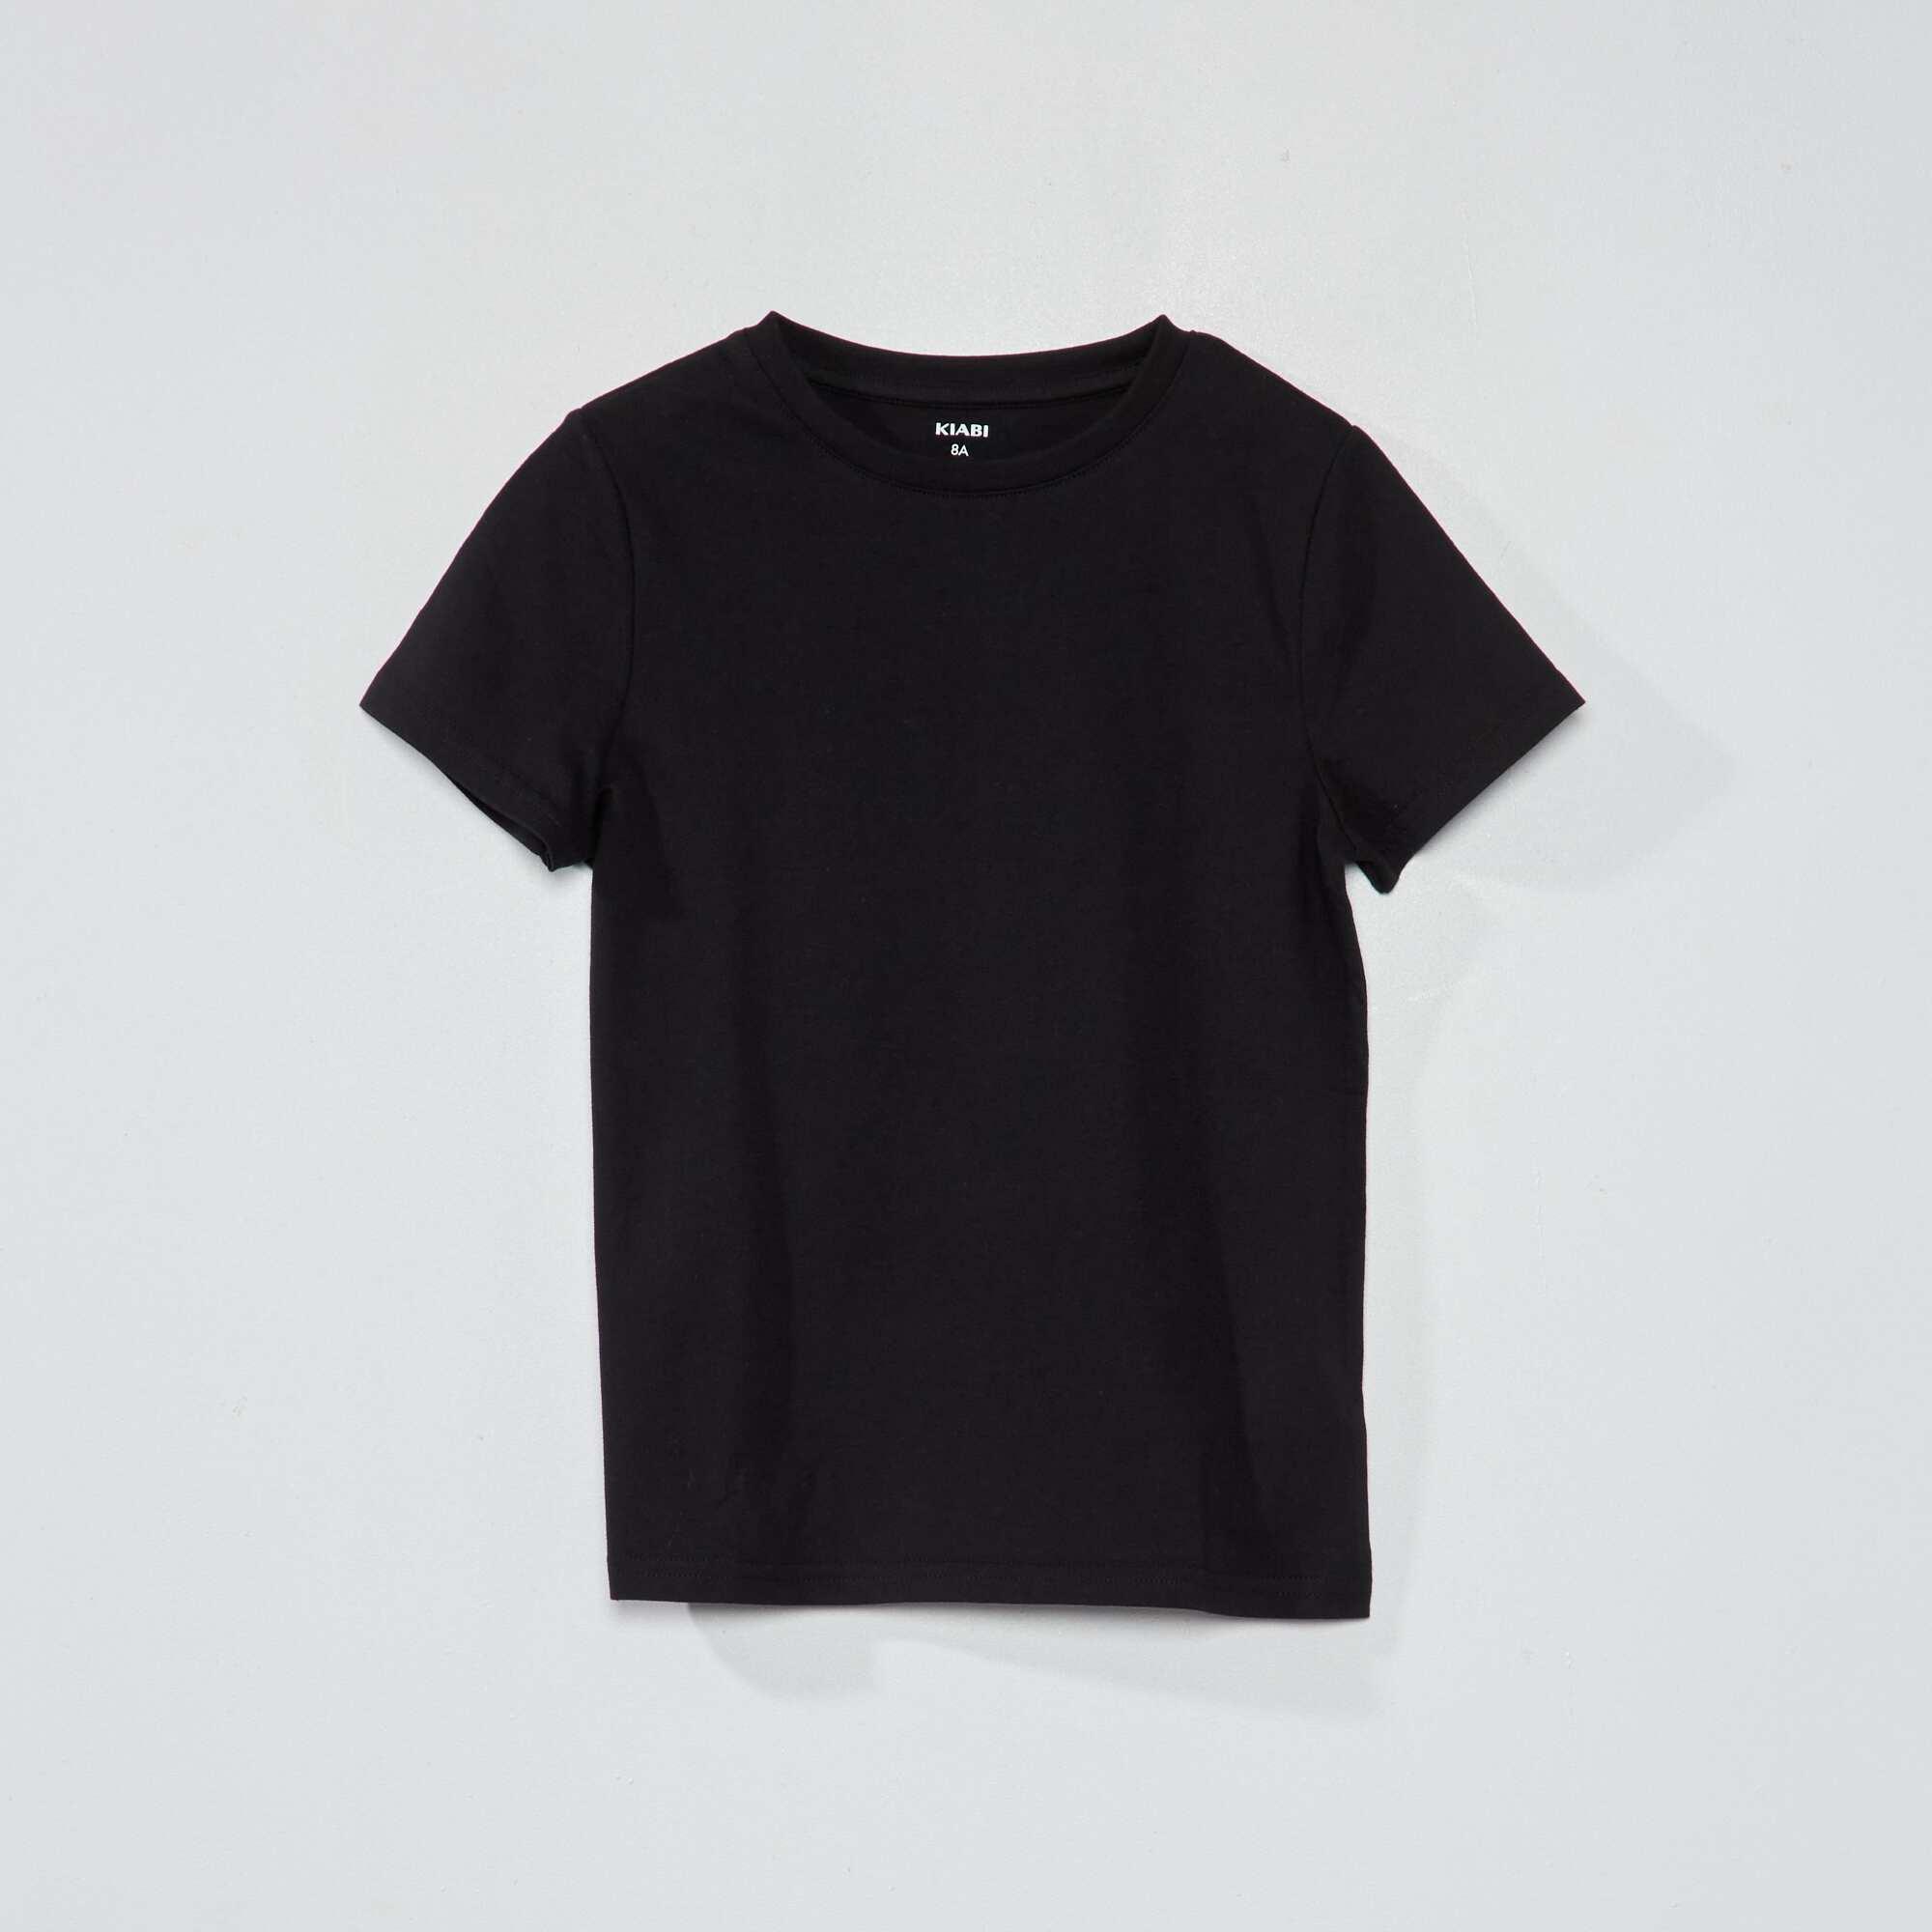 giacca nera bambino kiabi